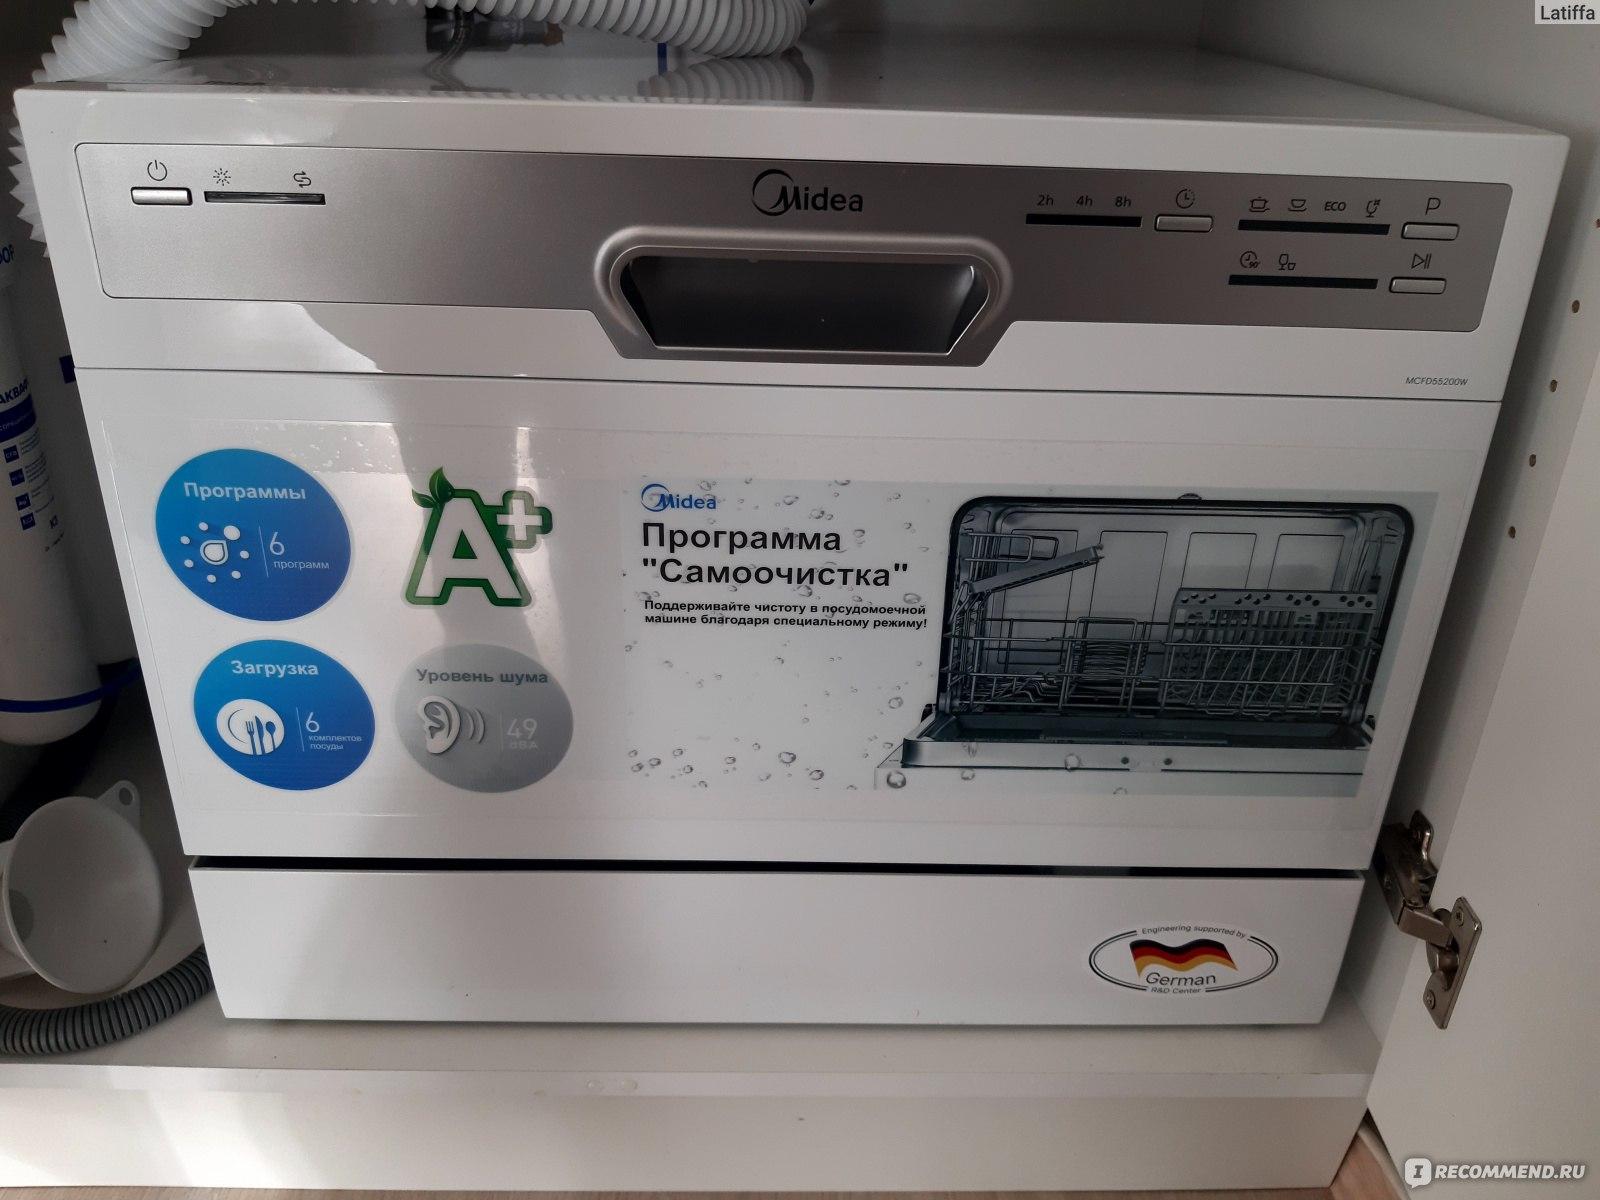 Компактные посудомоечные машины. лучшие компактные посудомоечные машины midea: рейтинг моделей, описание, отзывы + рекомендации по выбору